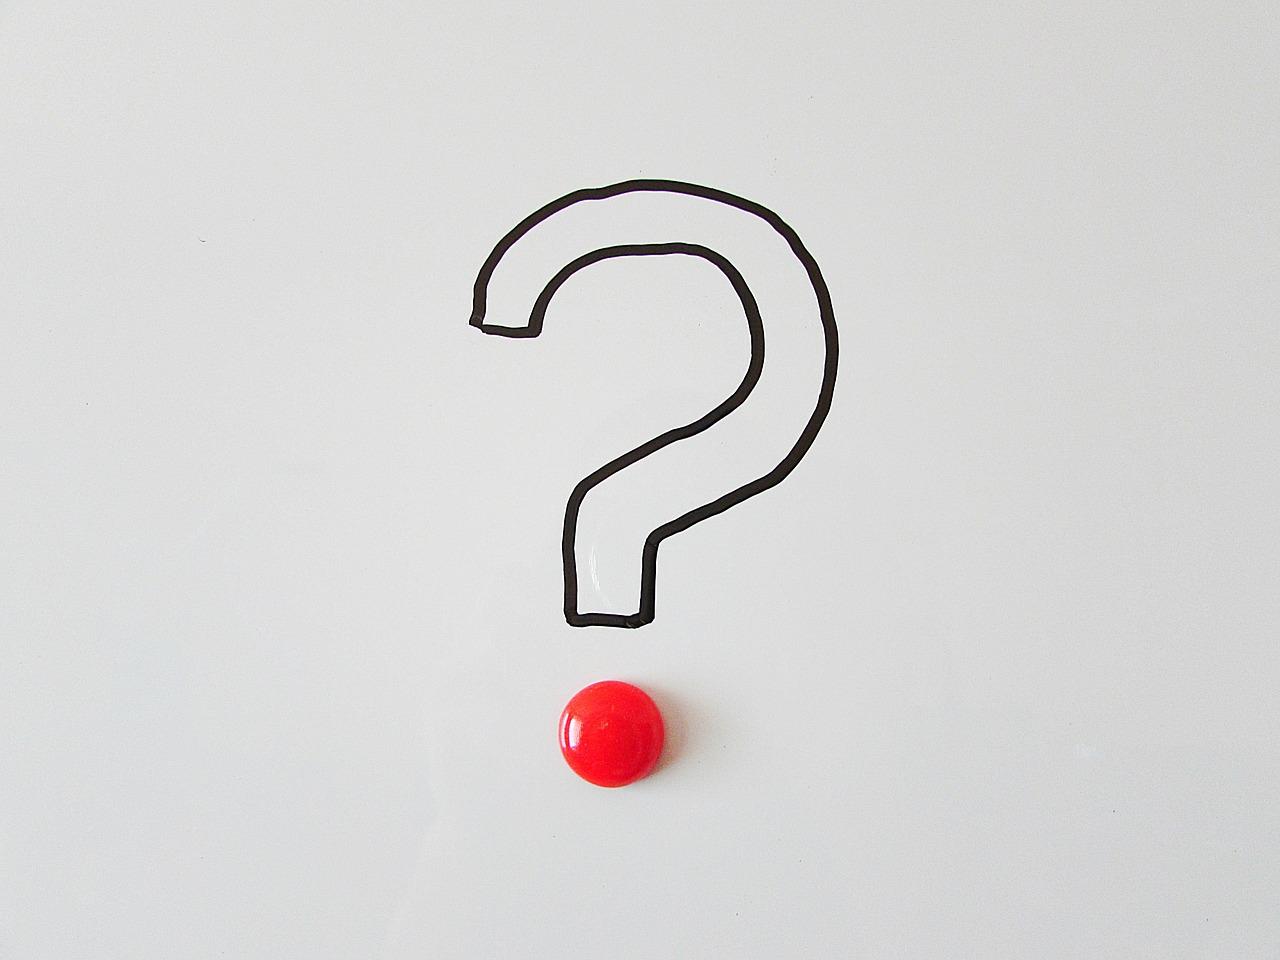 【ひらがな穴埋めクイズ20問】同じ文字を入れろ!高齢者向け問題を紹介!